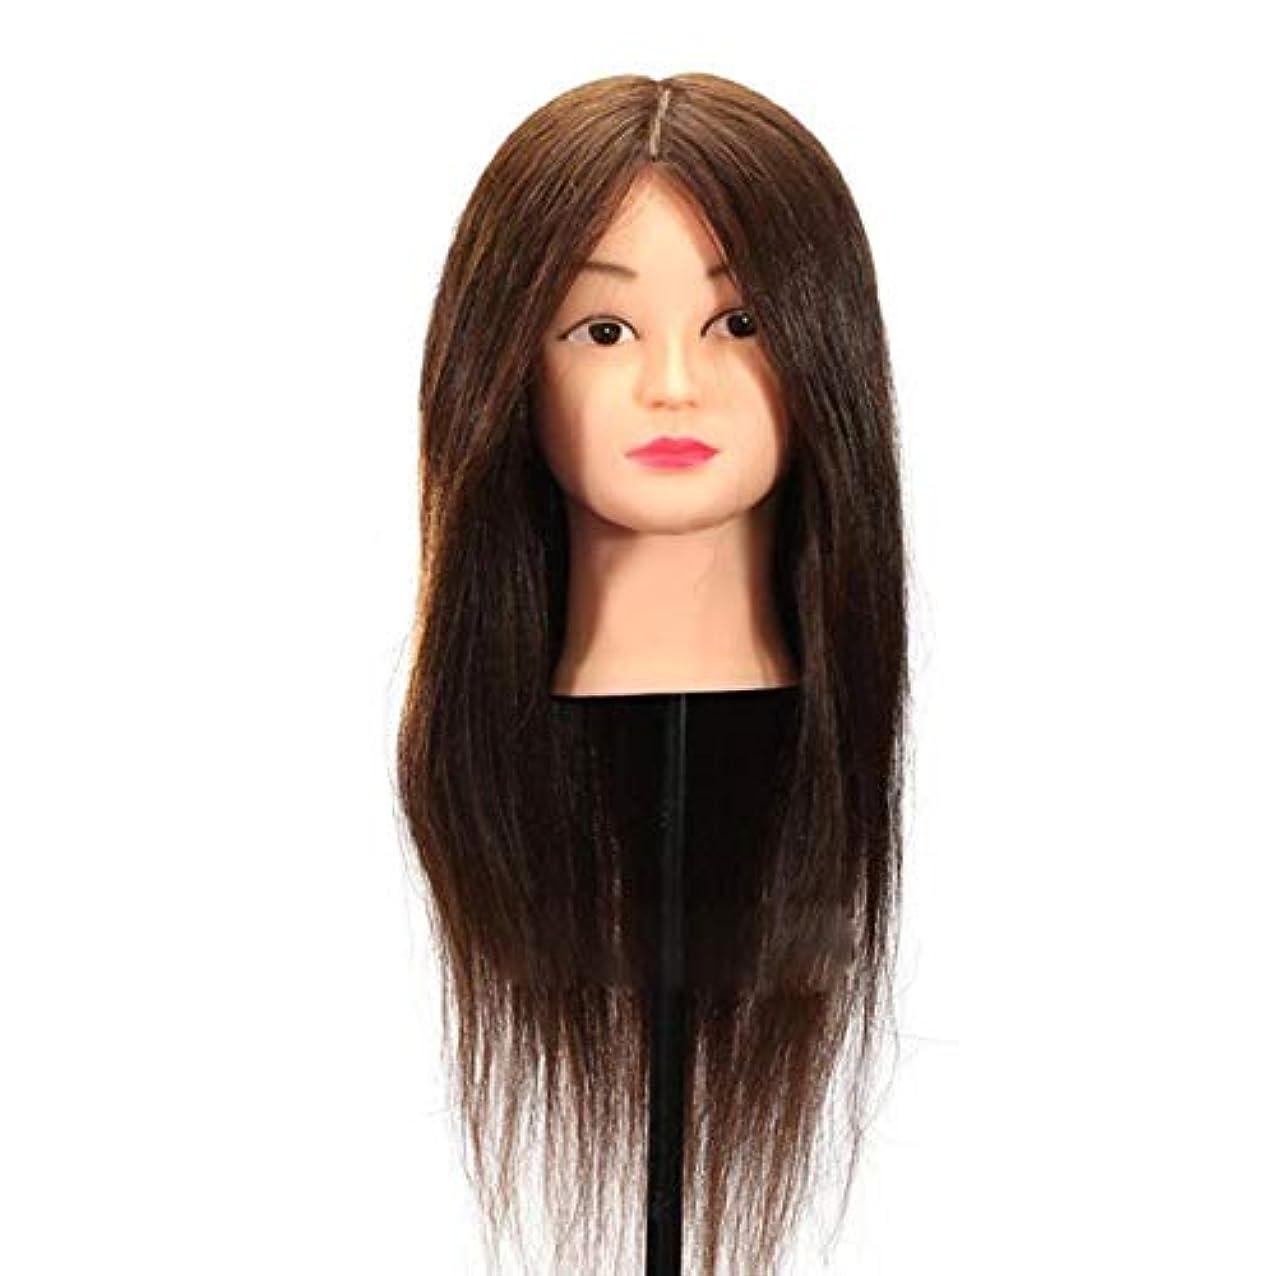 介入する最終的に水平ヘアマネキンヘッド練習ディスク髪編組ヘッドモデル理髪店学校教育かつらヘッドバンドブラケット